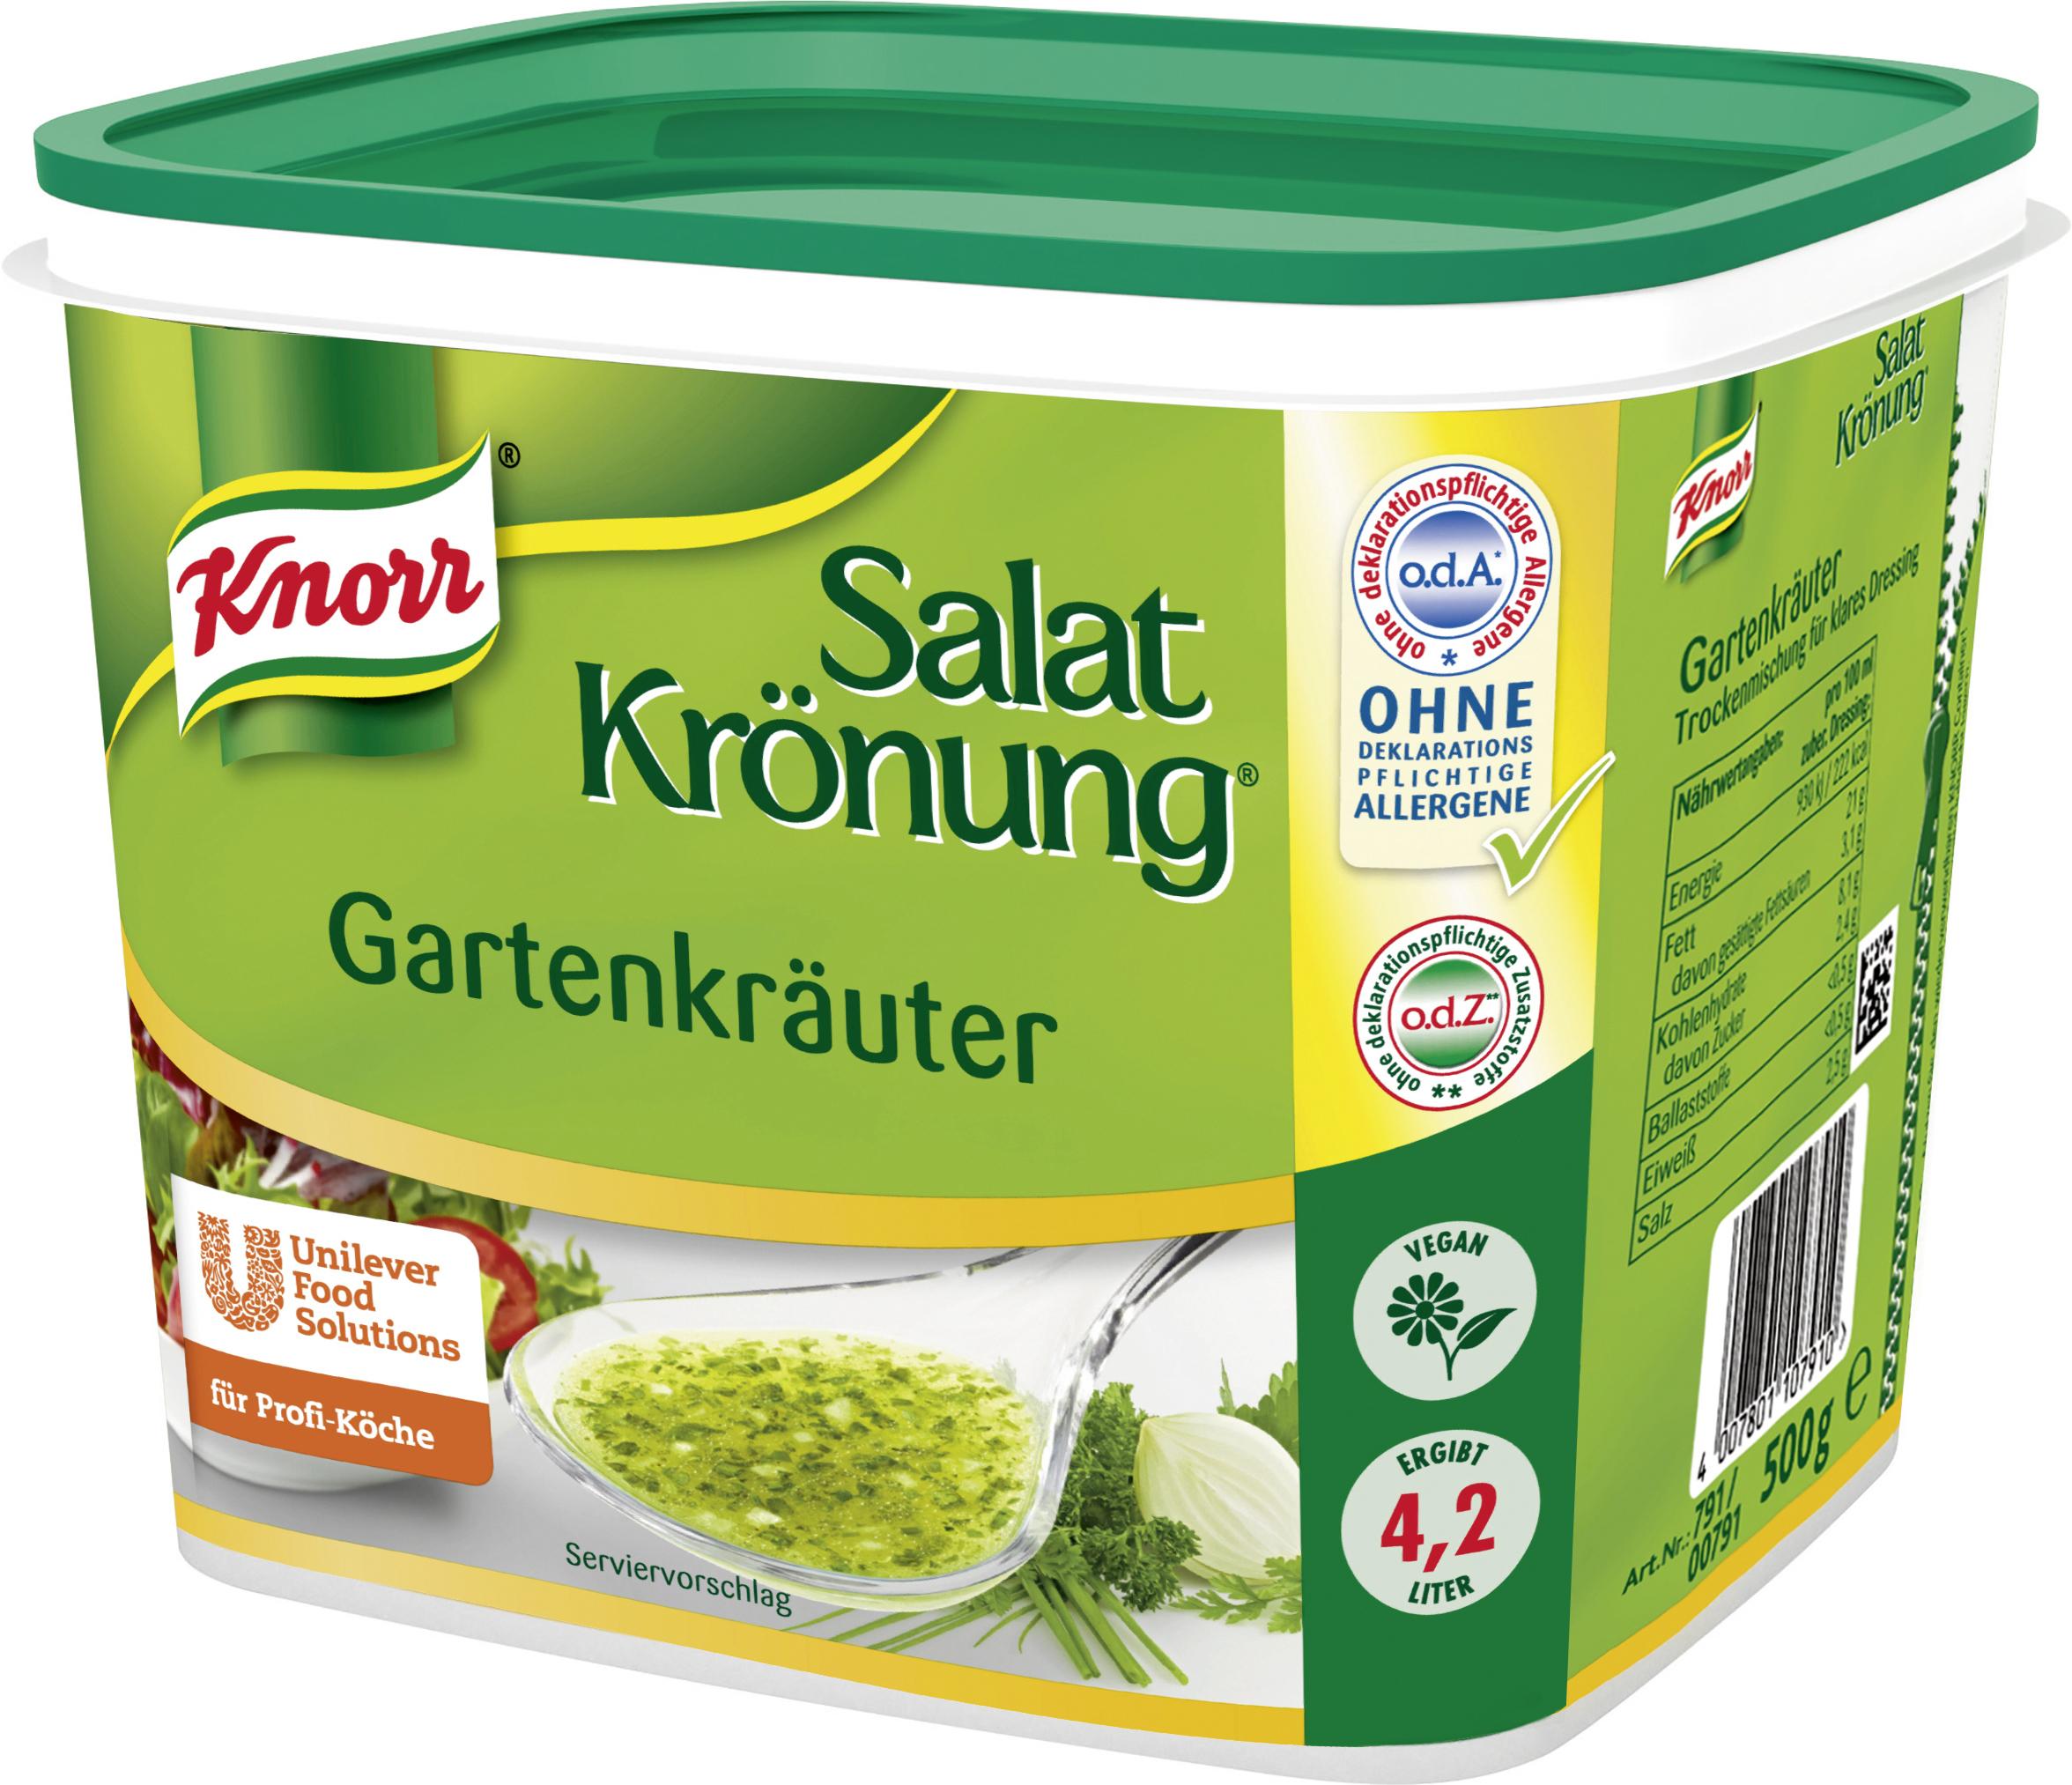 Knorr Gartenkräuter 500 g